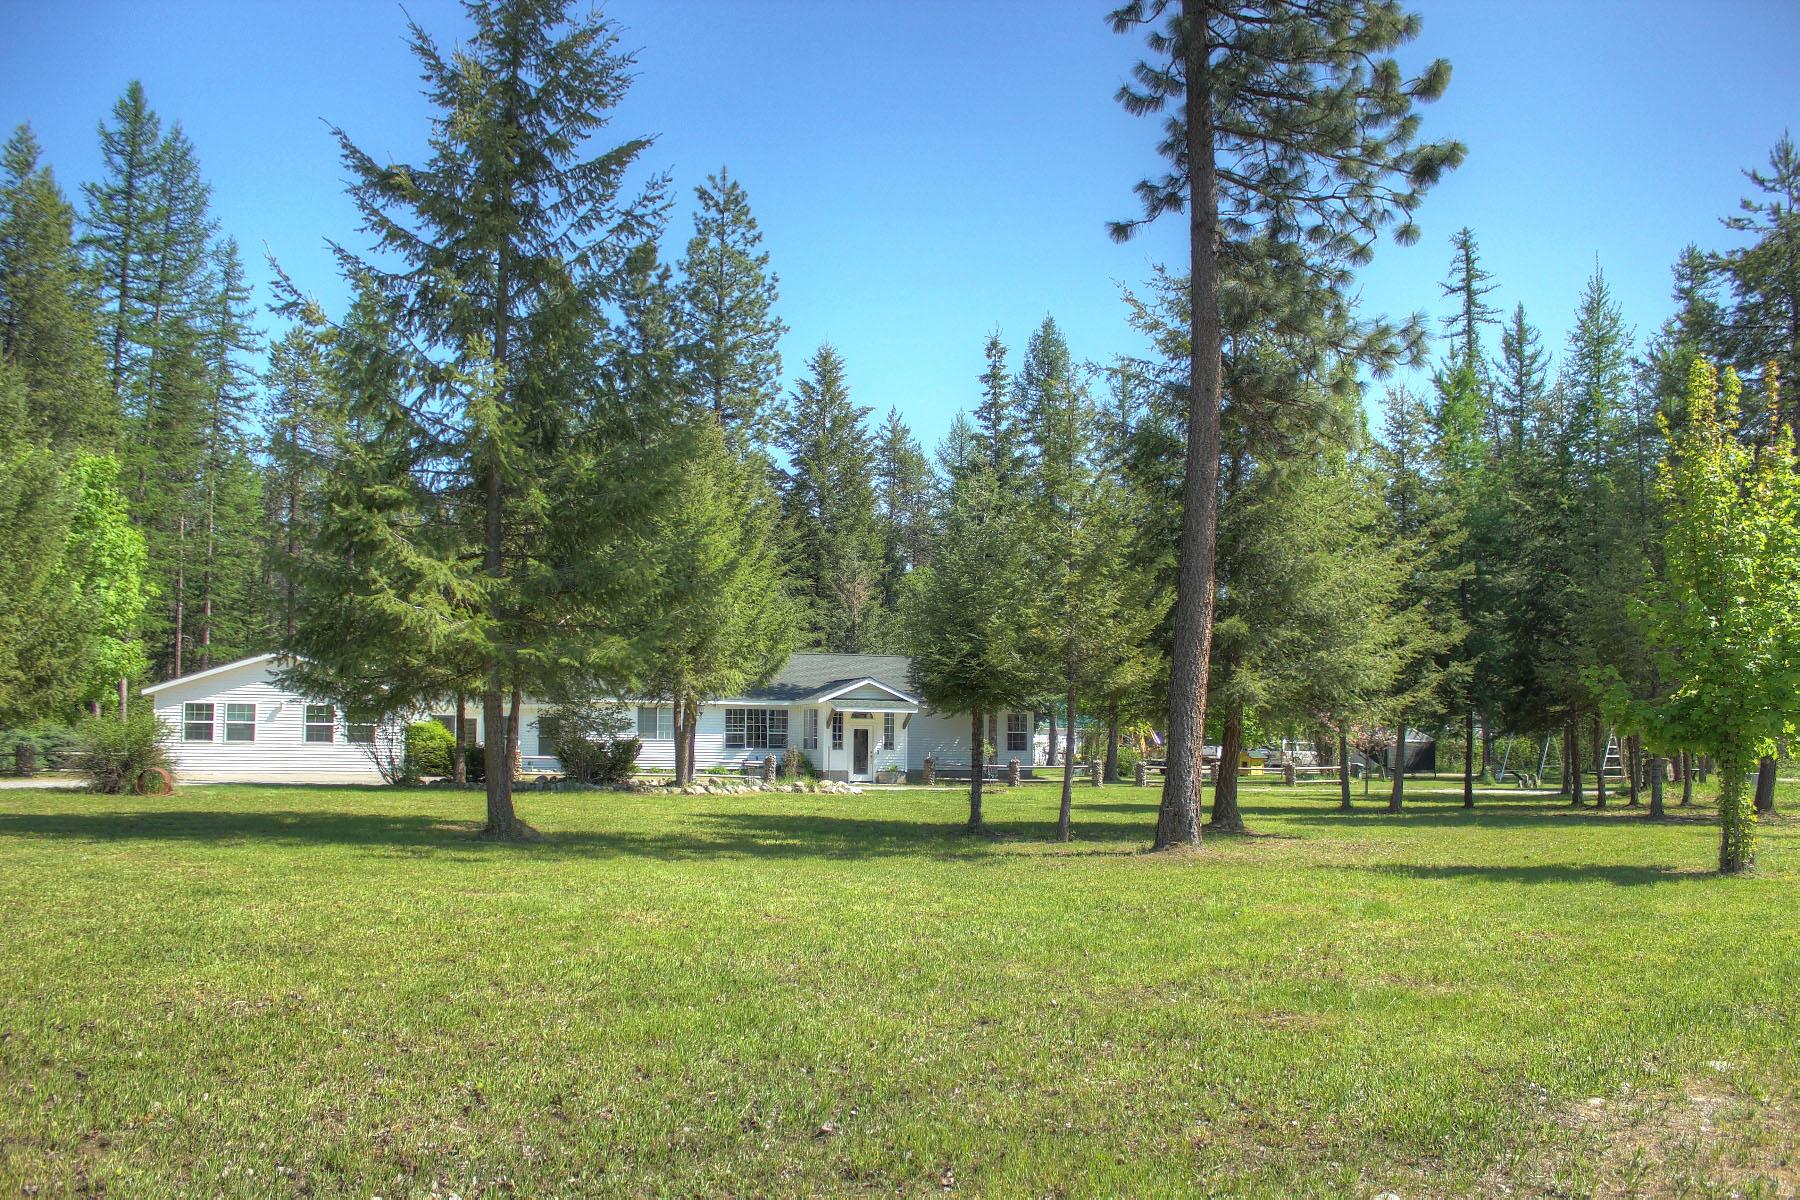 Maison unifamiliale pour l Vente à Pristine ranch style home located on 4.95 acres 147 Shepard Rd Oldtown, Idaho, 83822 États-Unis